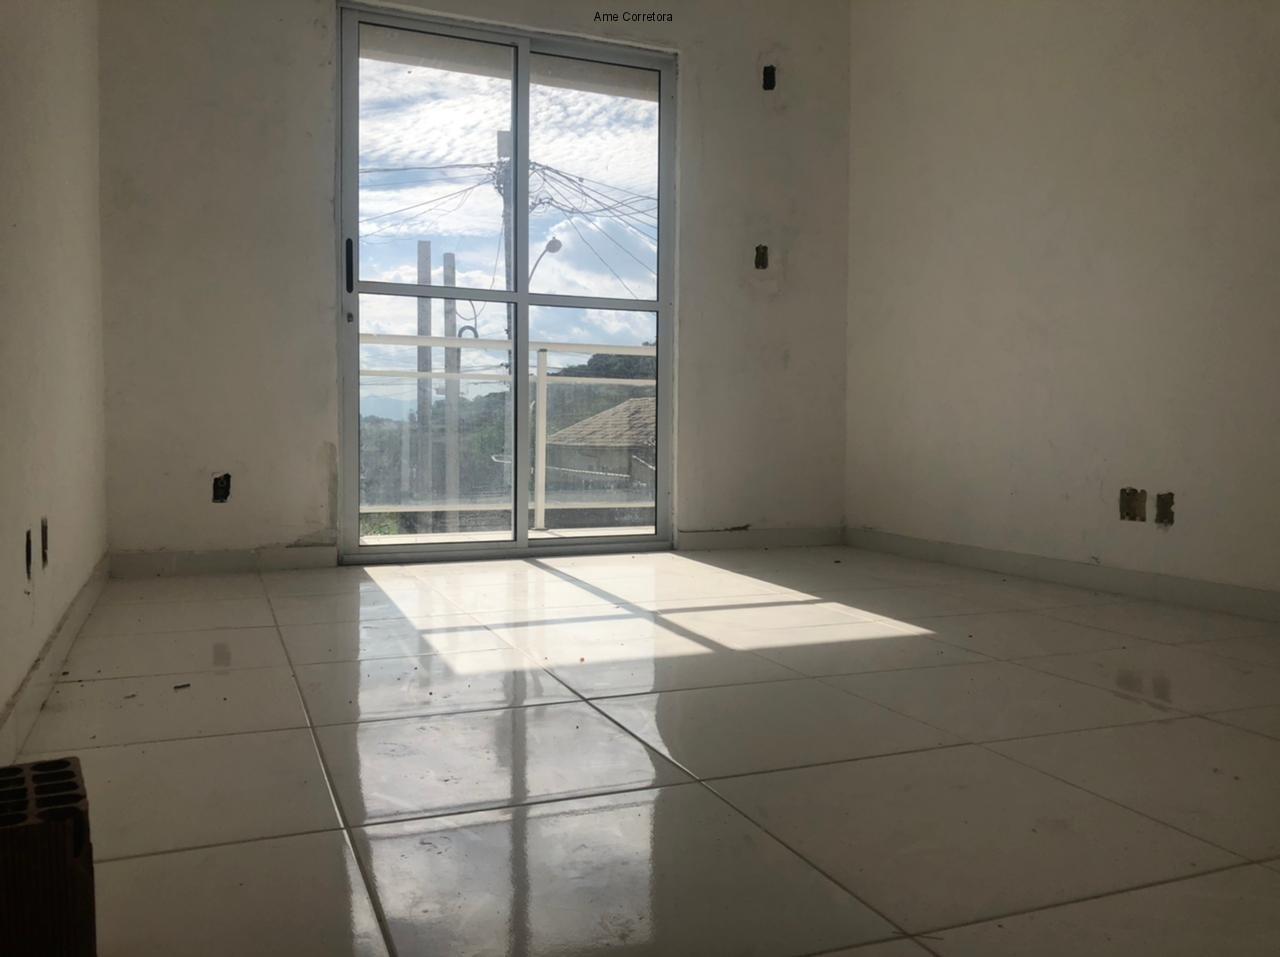 FOTO 08 - Casa 2 quartos à venda Rio de Janeiro,RJ - R$ 220.000 - CA0054 - 9